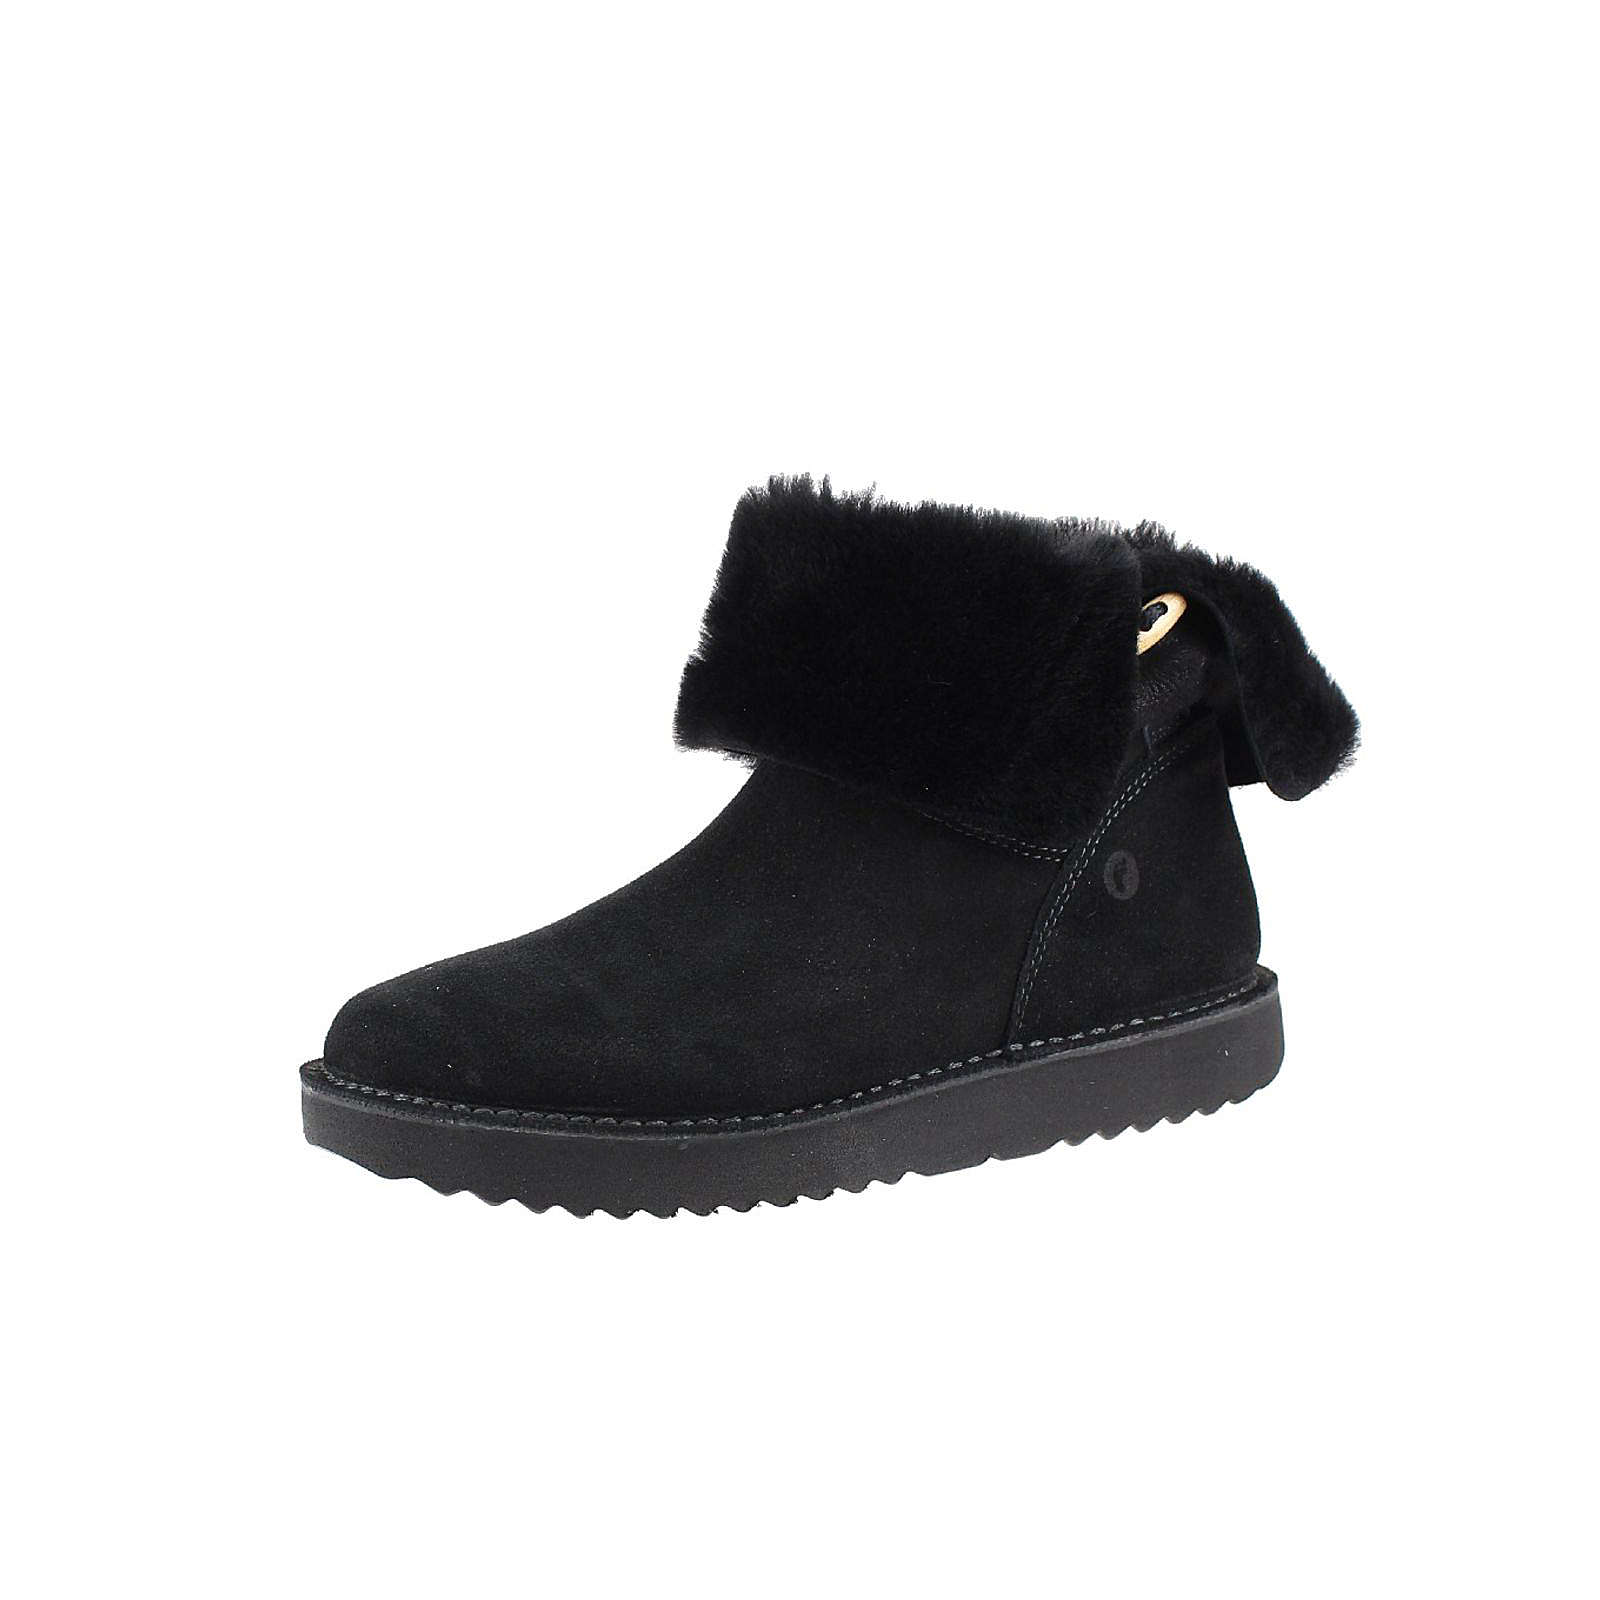 RICOSTA Stiefel für Mädchen schwarz Mädchen Gr. 34